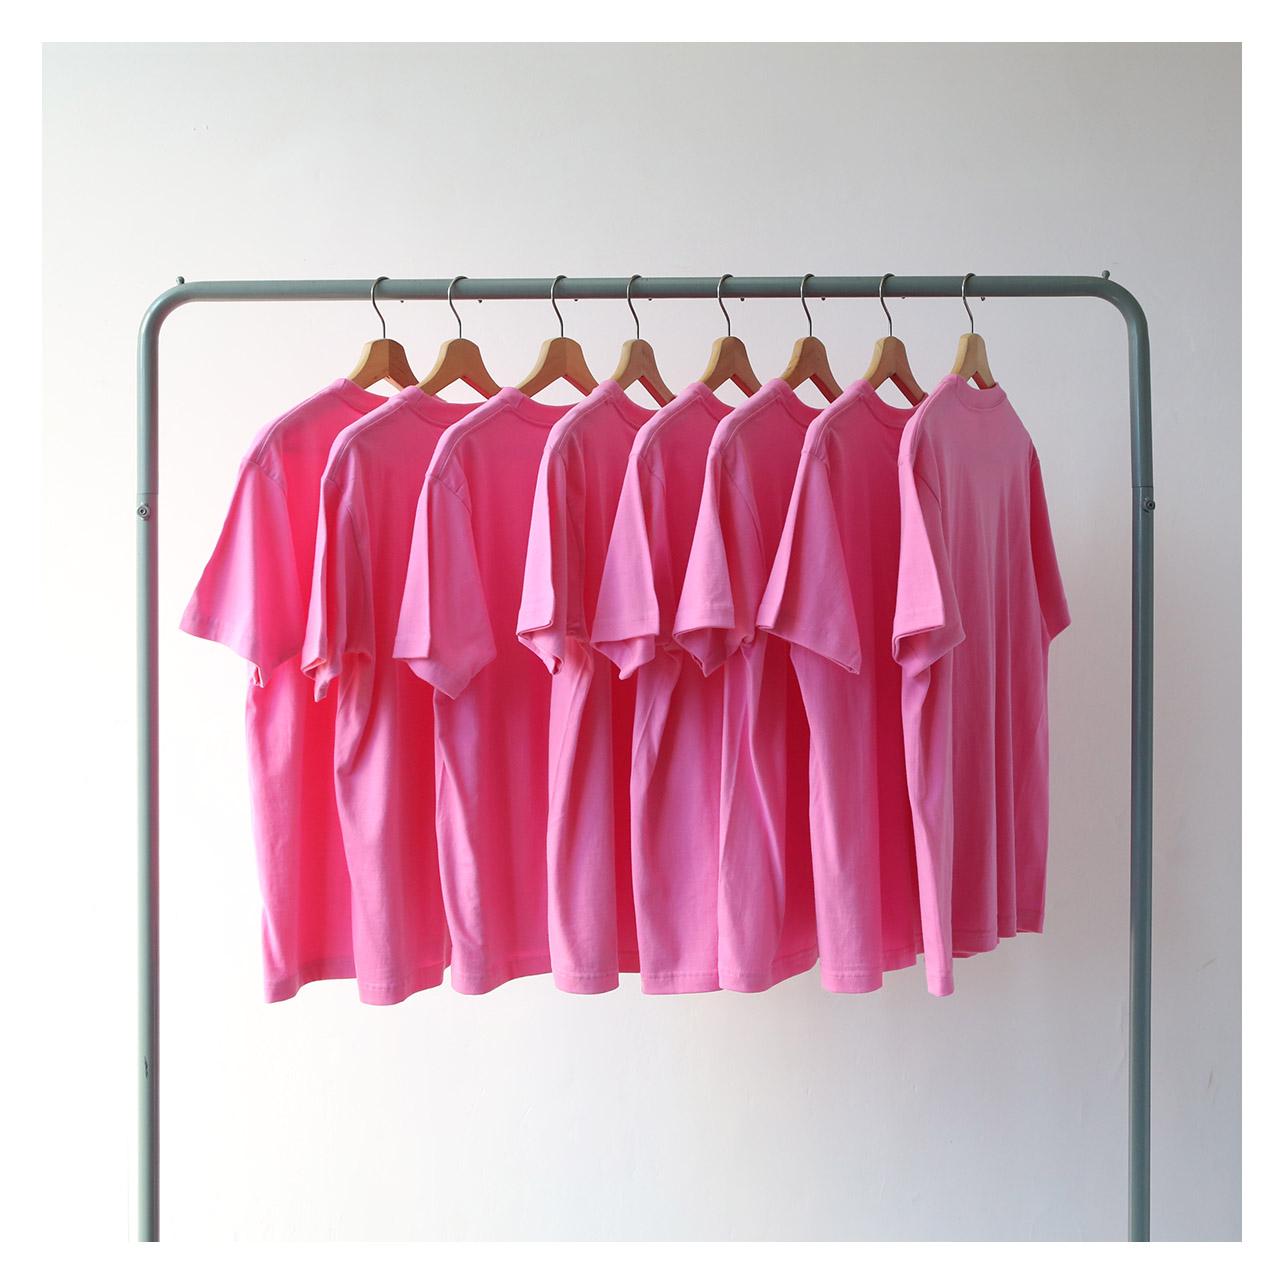 粉红色T恤 230克重磅厚实蜜桃粉 桃红色粉红色纯棉短袖T恤男 女情侣宽松潮流_推荐淘宝好看的粉红色T恤